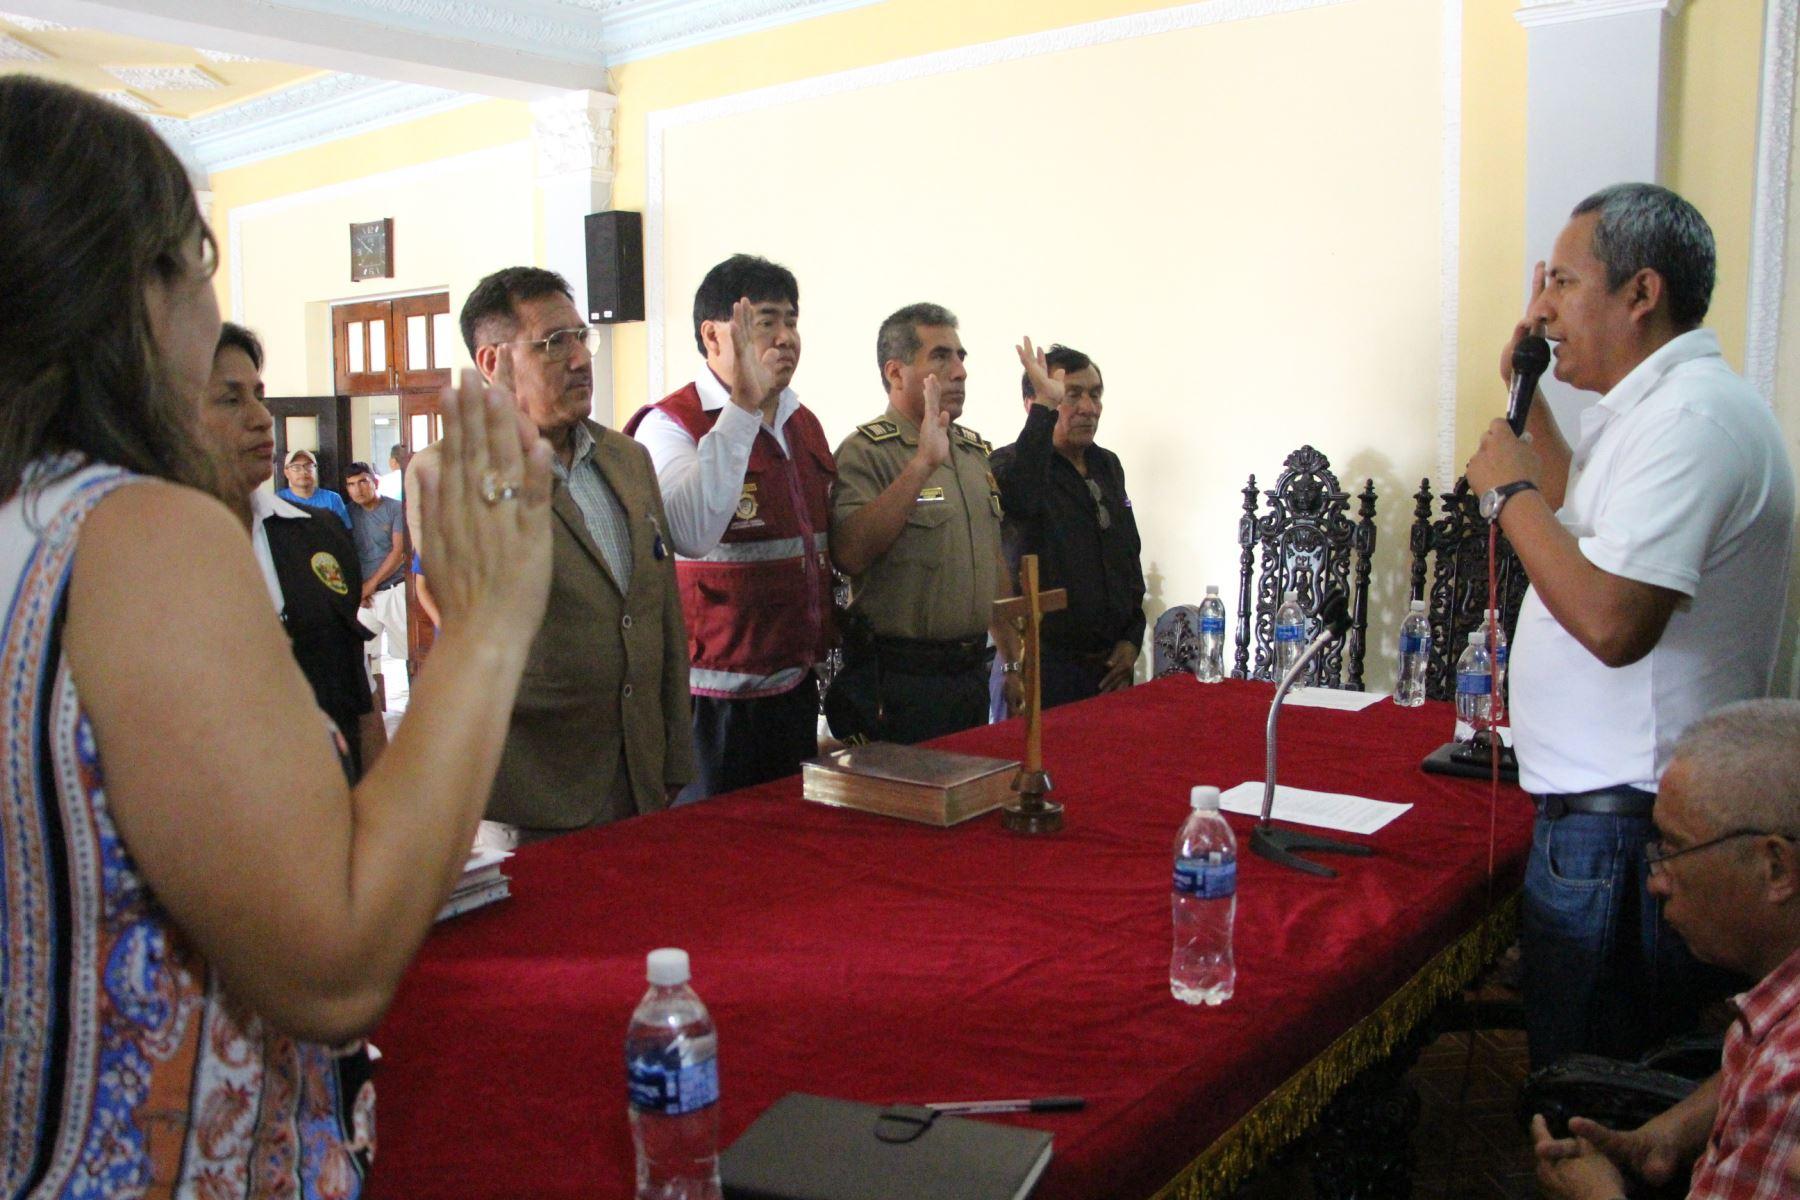 En el salón de actos de la Municipalidad Provincial de Lambayeque se efectuó la ceremonia de juramentación de los comités provincial y distrital de Seguridad Ciudadana.